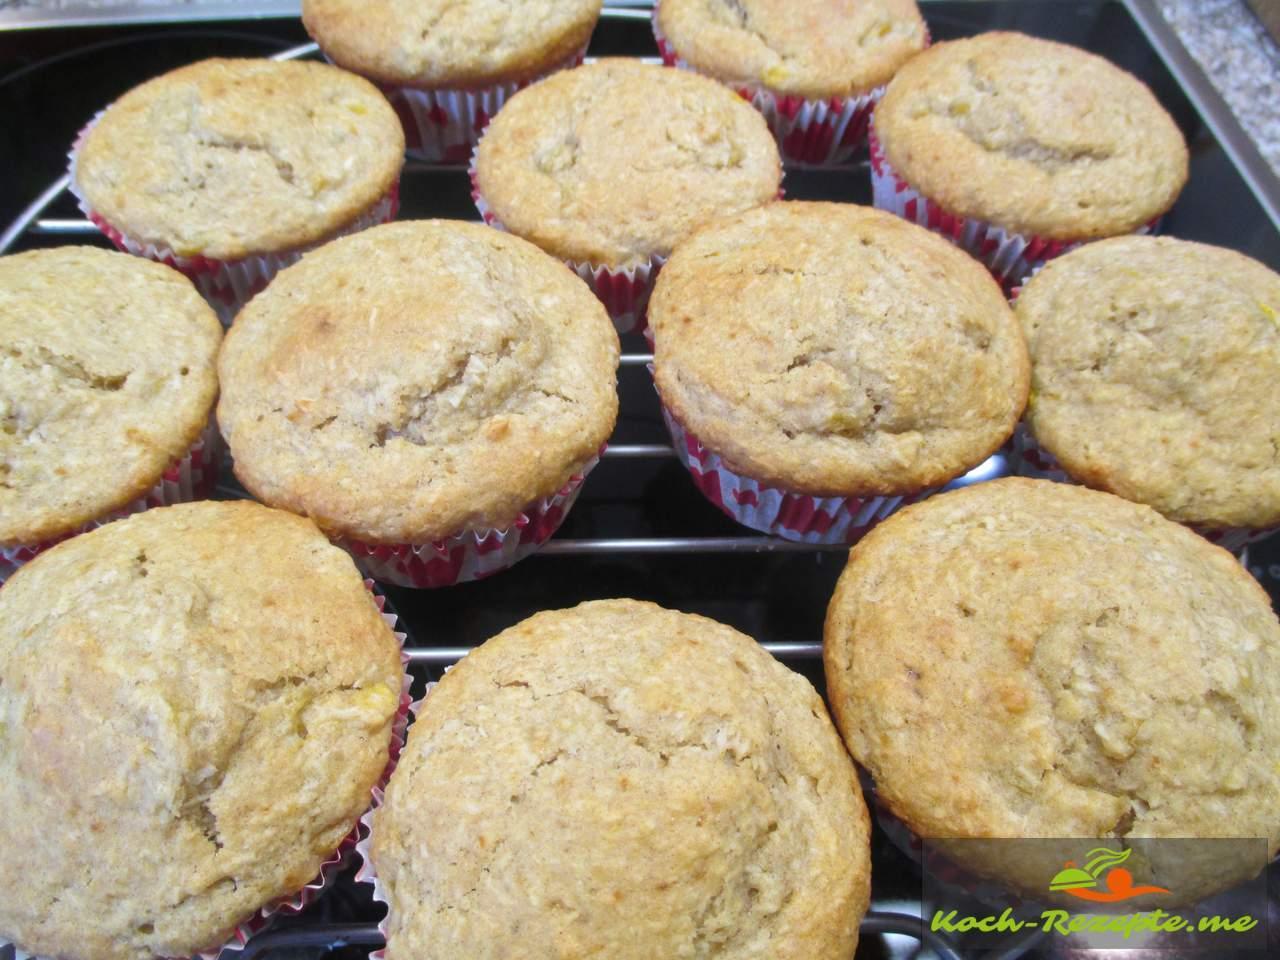 Leckere Mango Muffins  gebacken, getestet sind super lecker